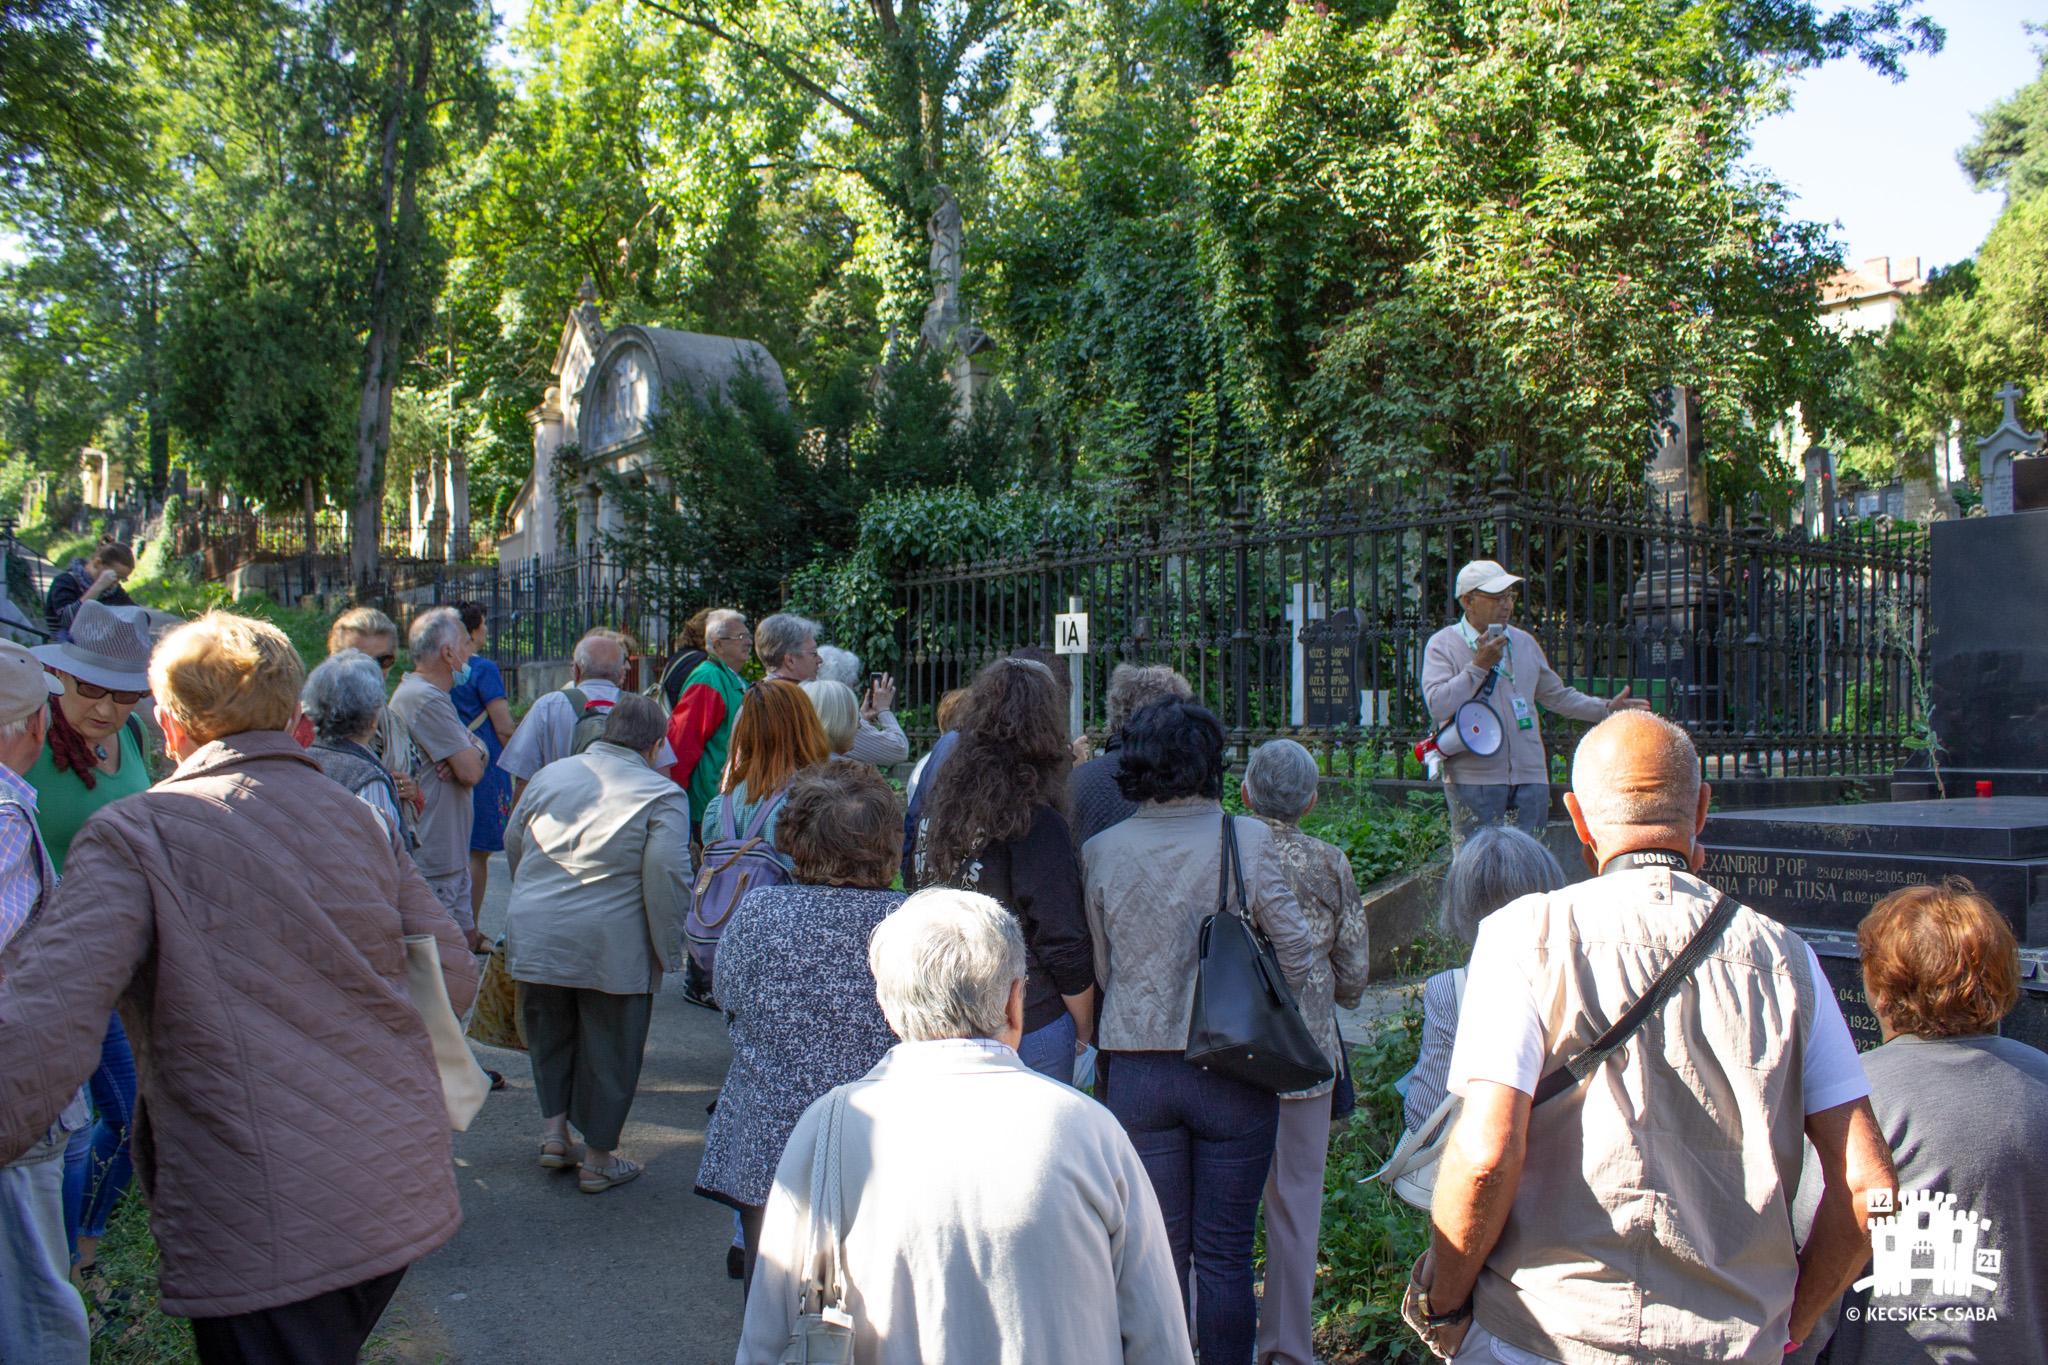 Plimbare prin Cimitirul Central pe urmele episcopilor